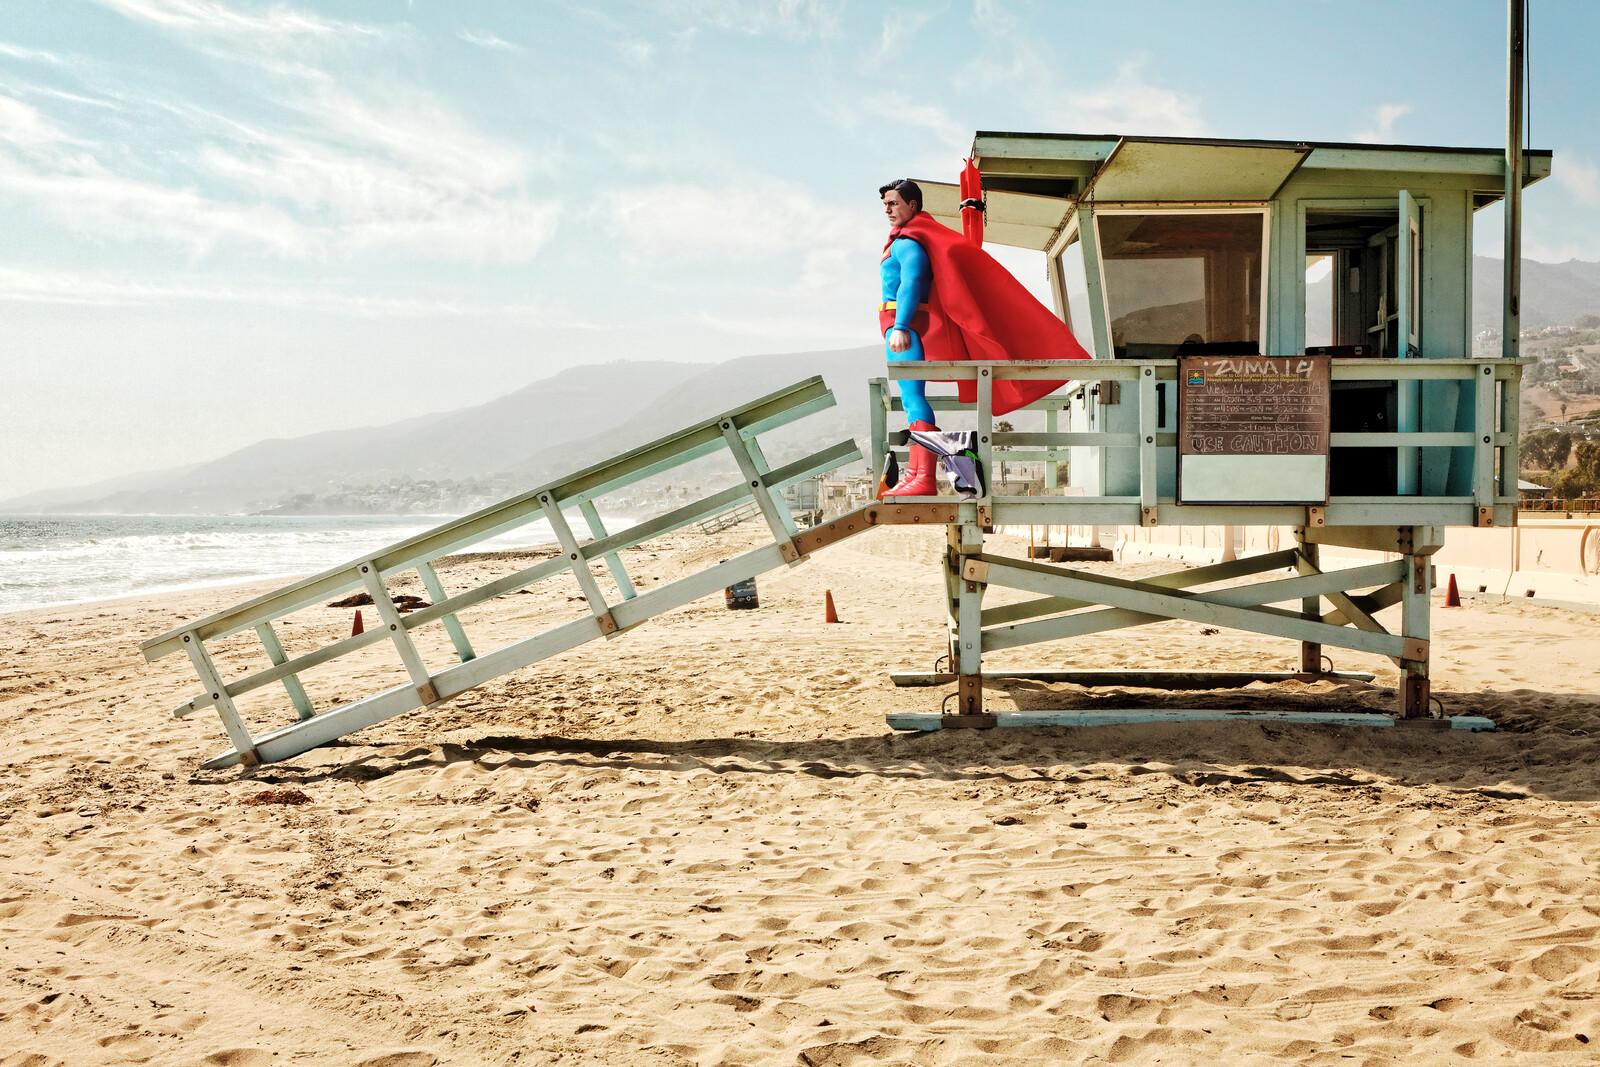 Super-Lifeguard - Daniel Picard